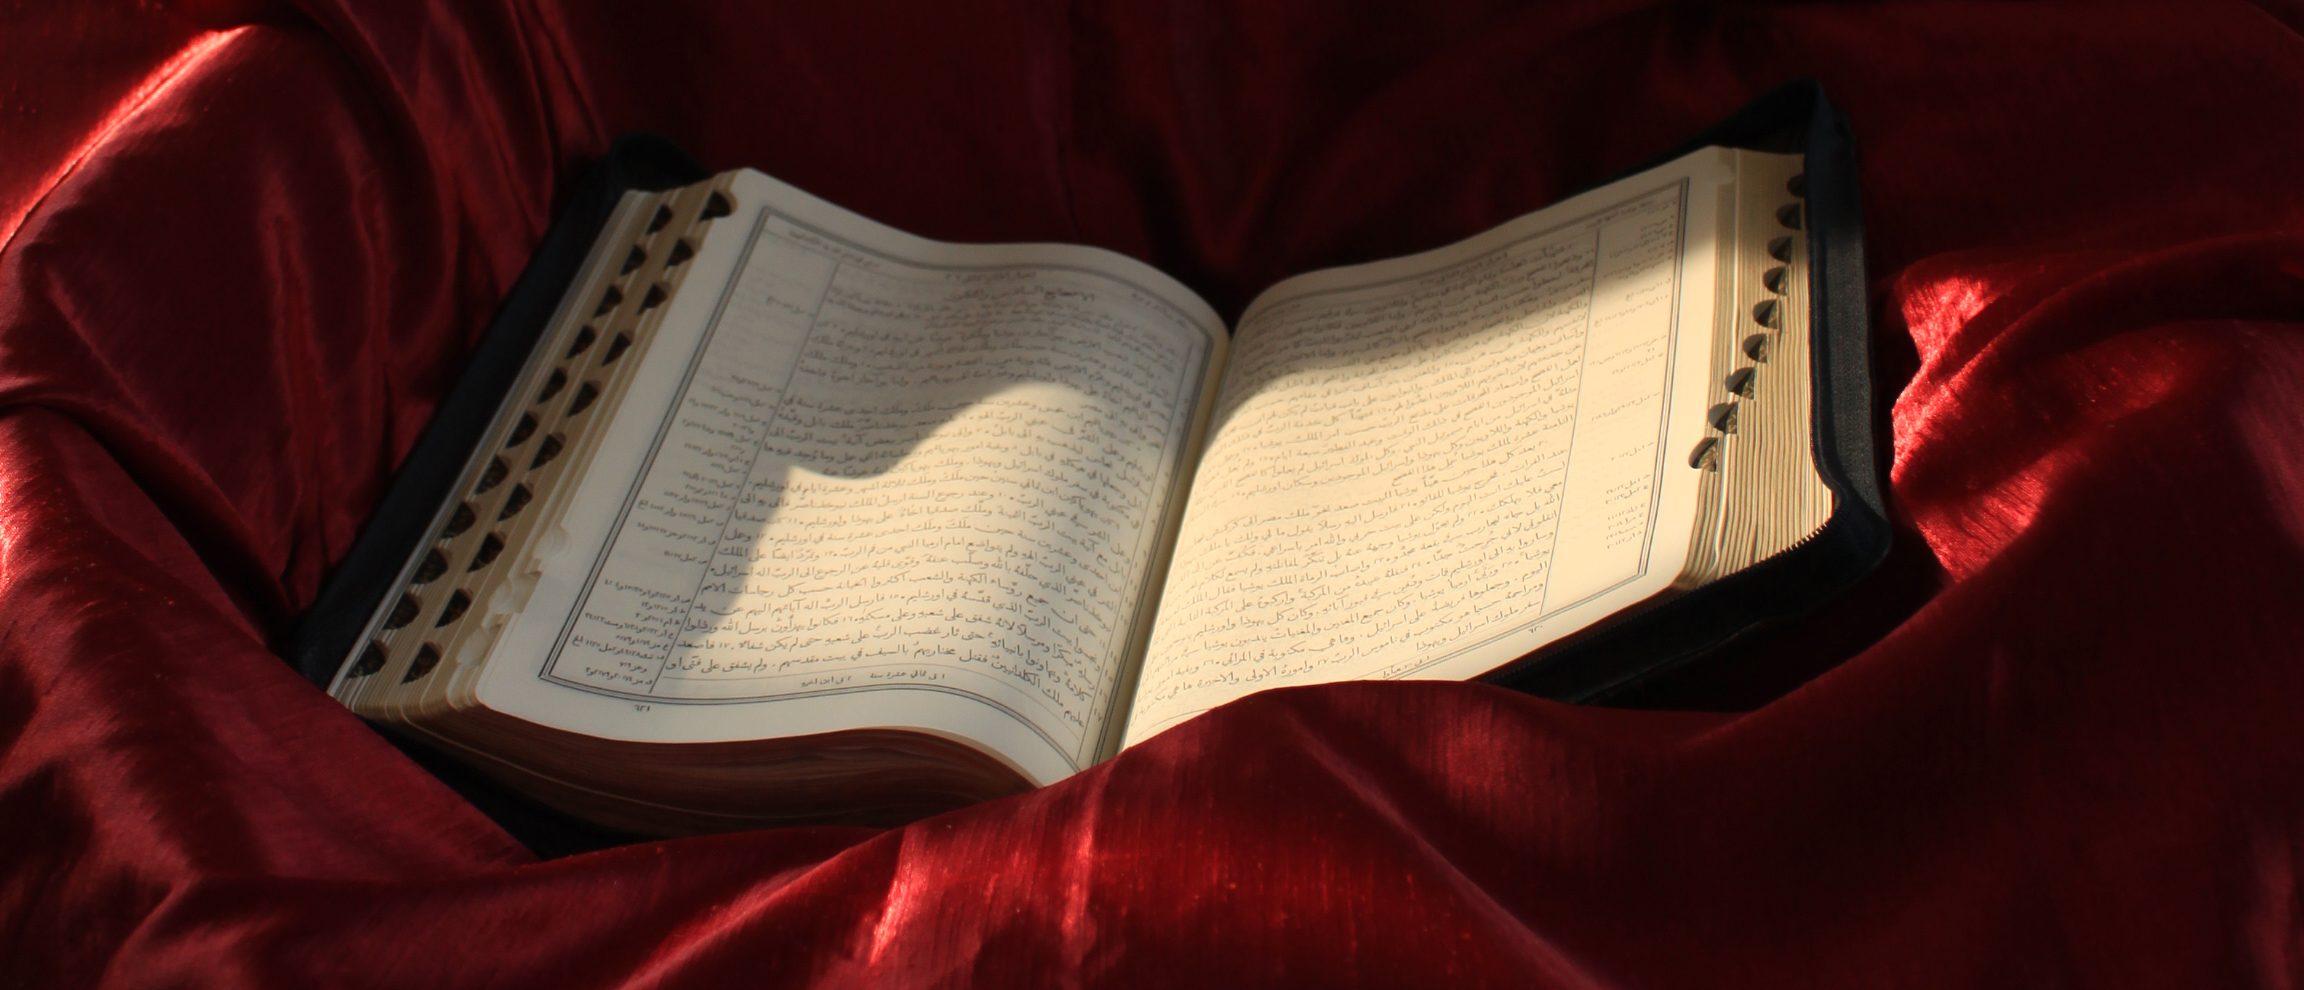 إقرأ الكتاب المقدّس